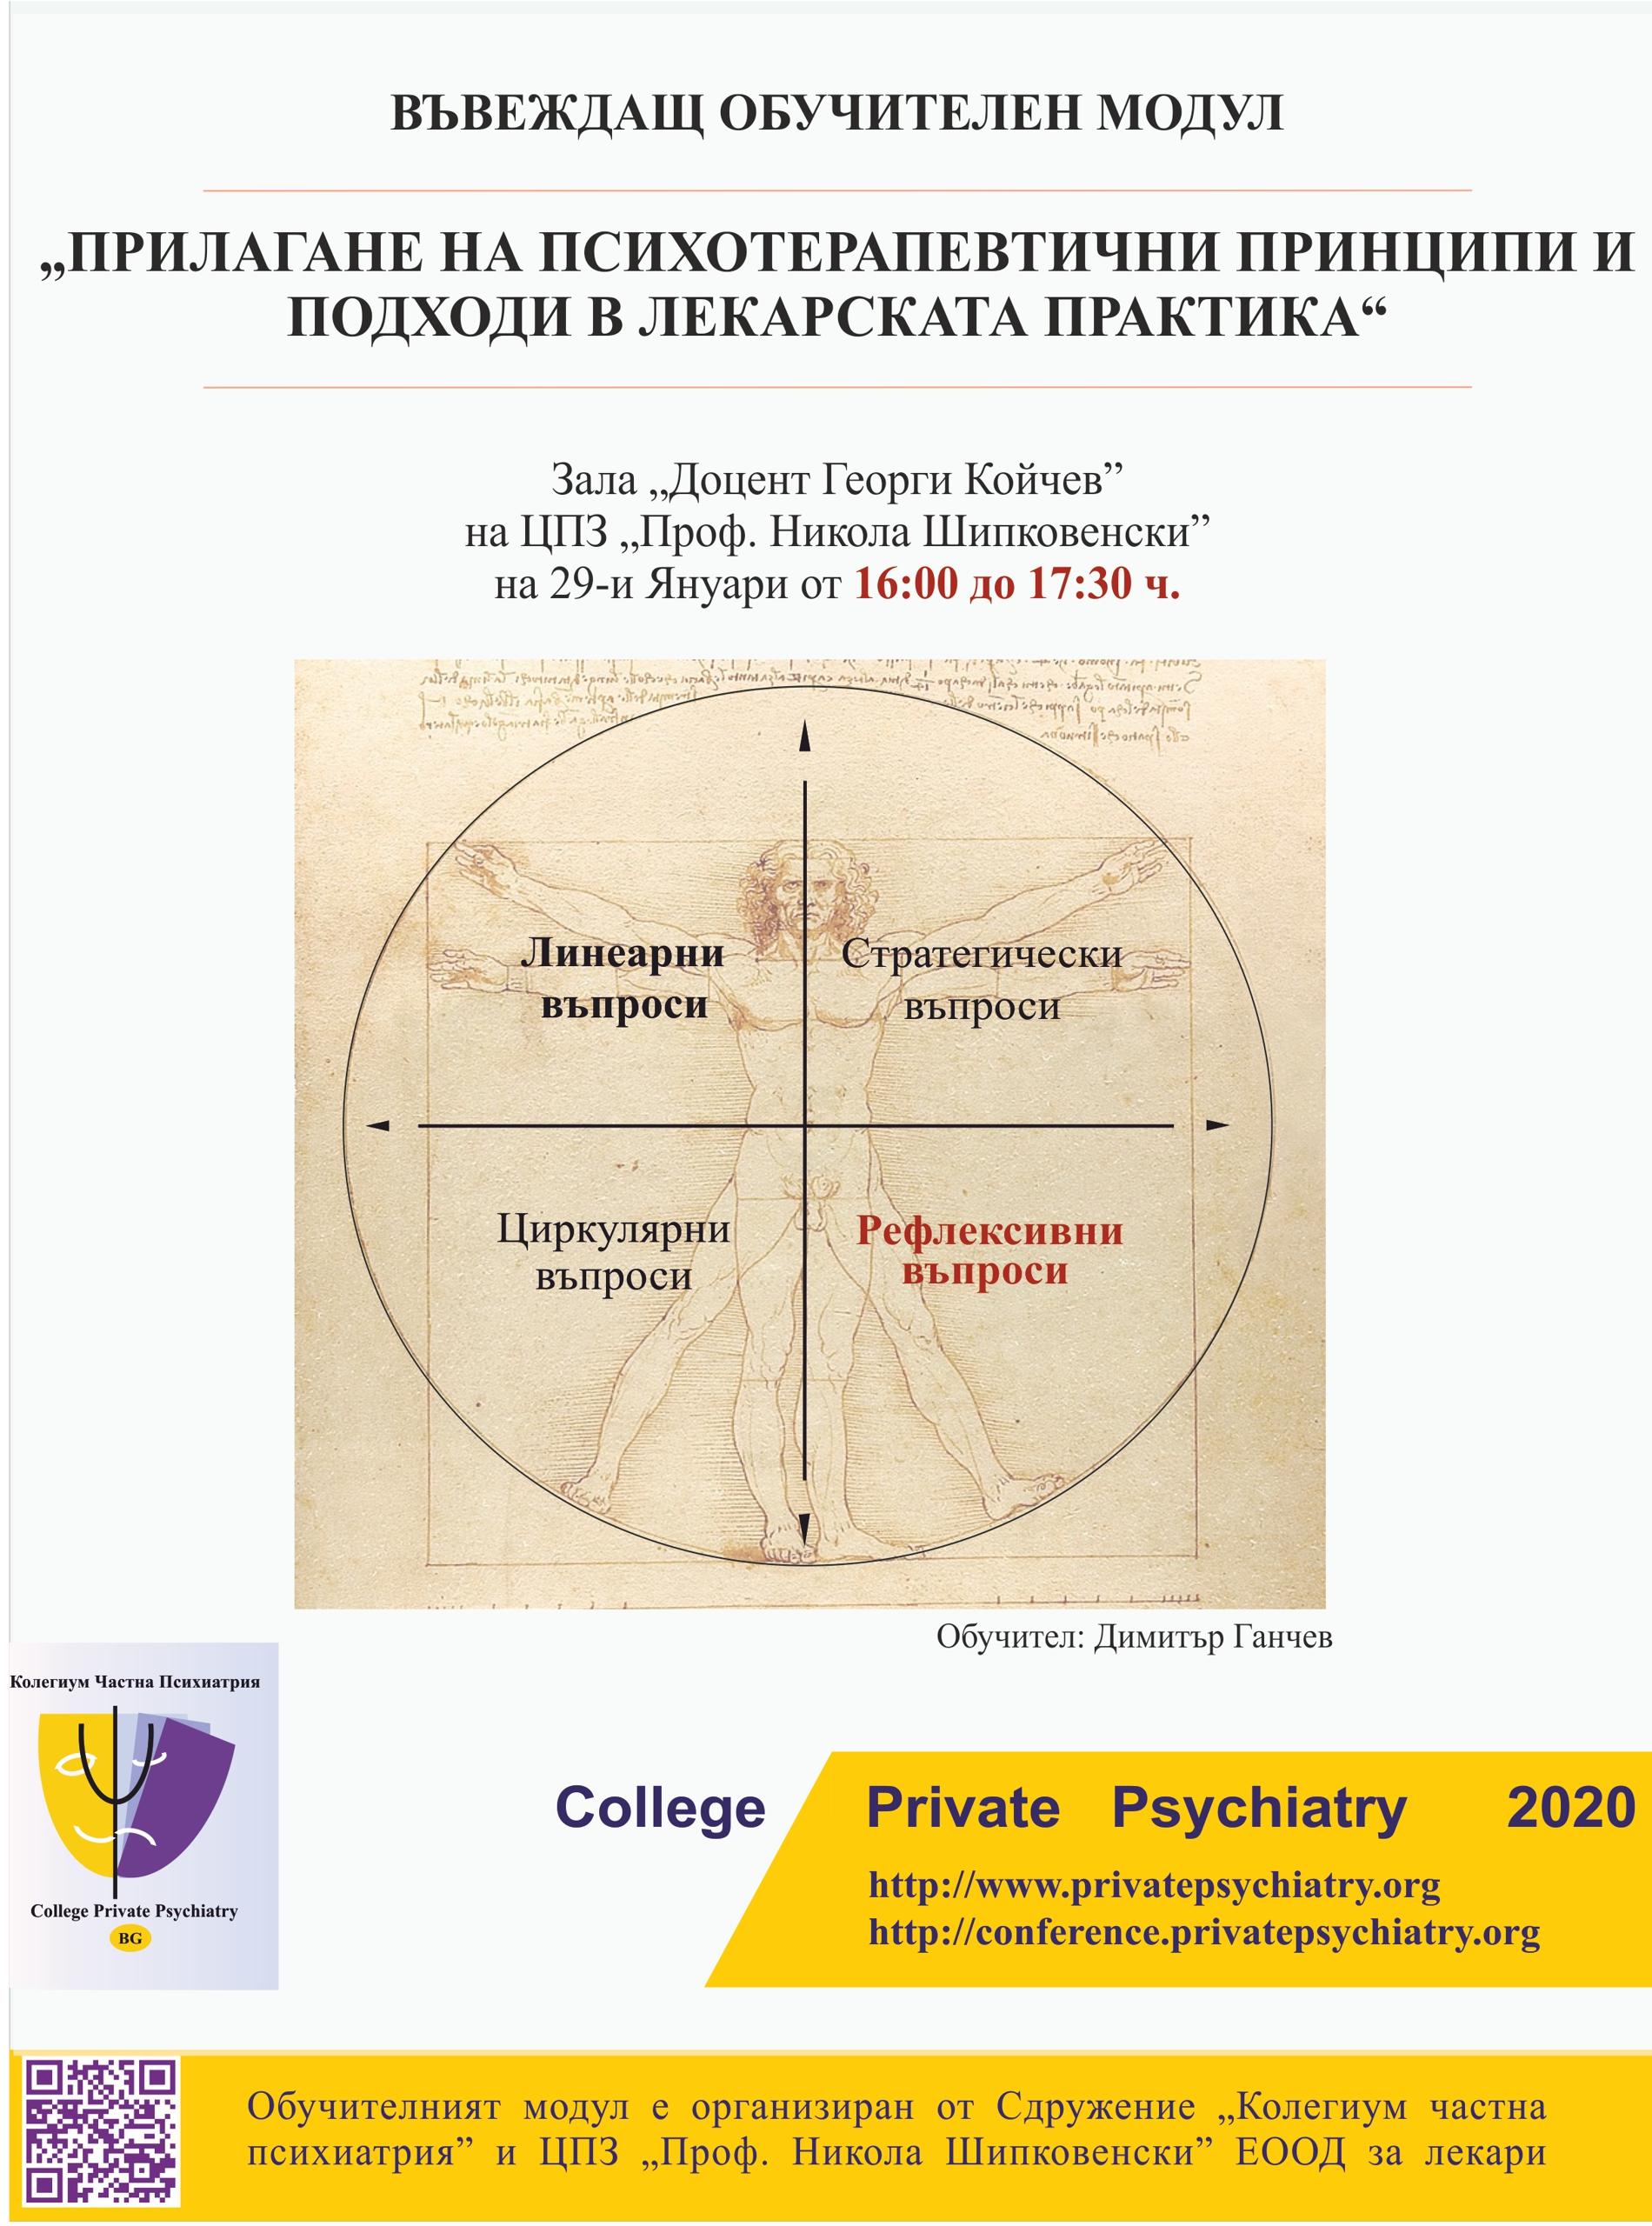 Прилагане на психотерапевтичните принципи и подходи в лекарската практика